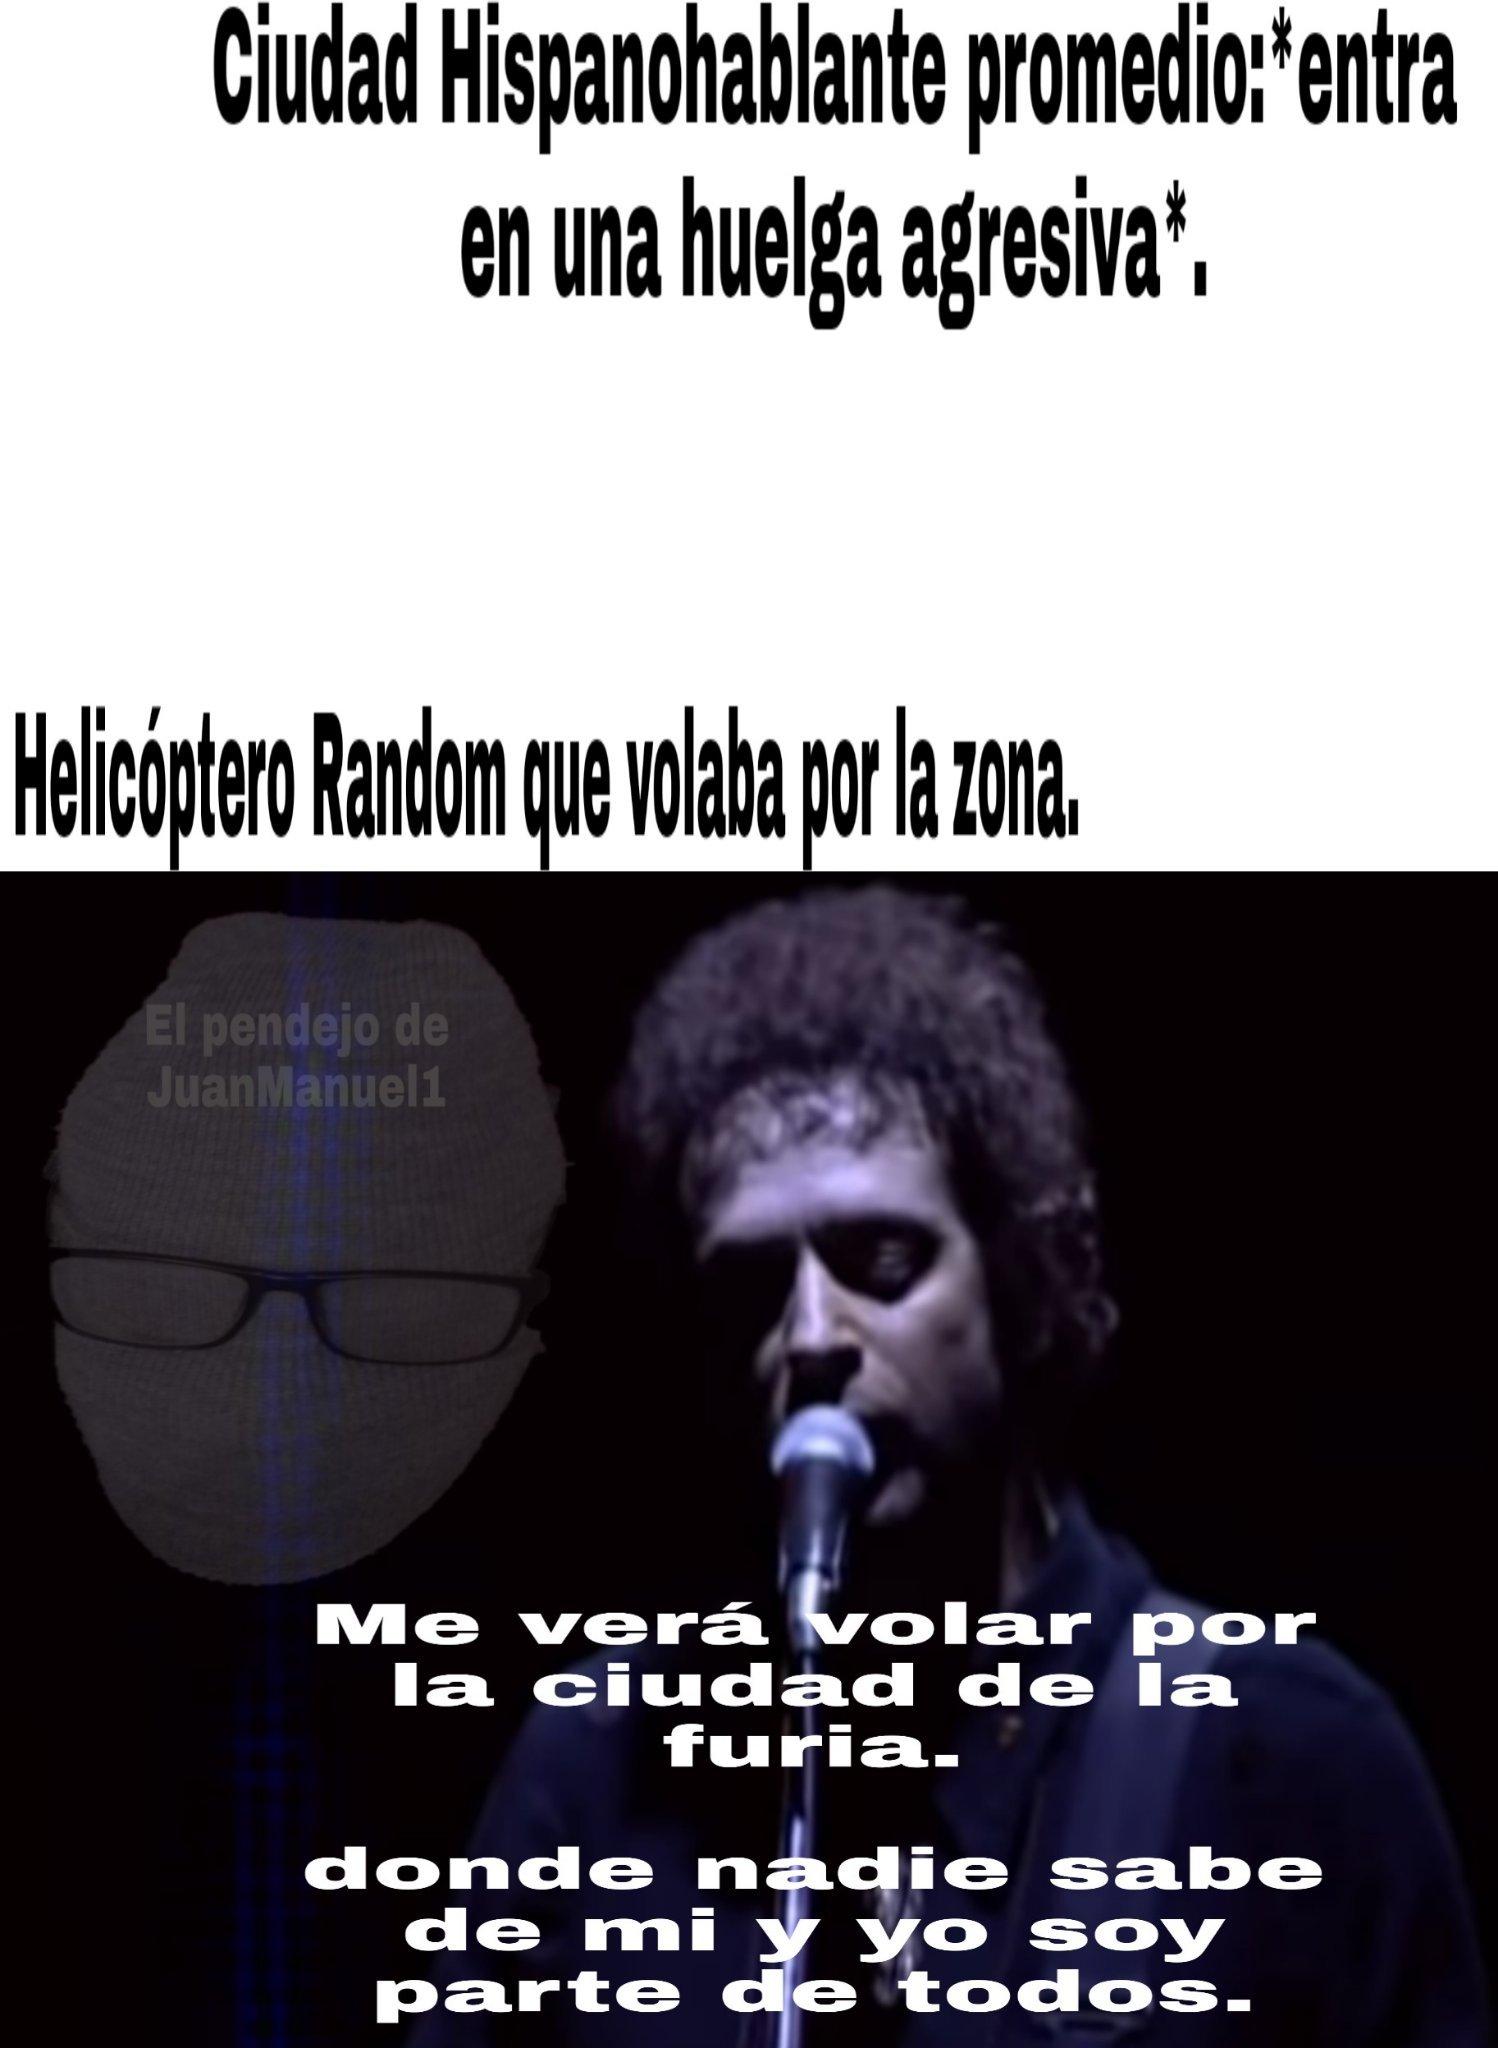 Ciudad de la furia - meme